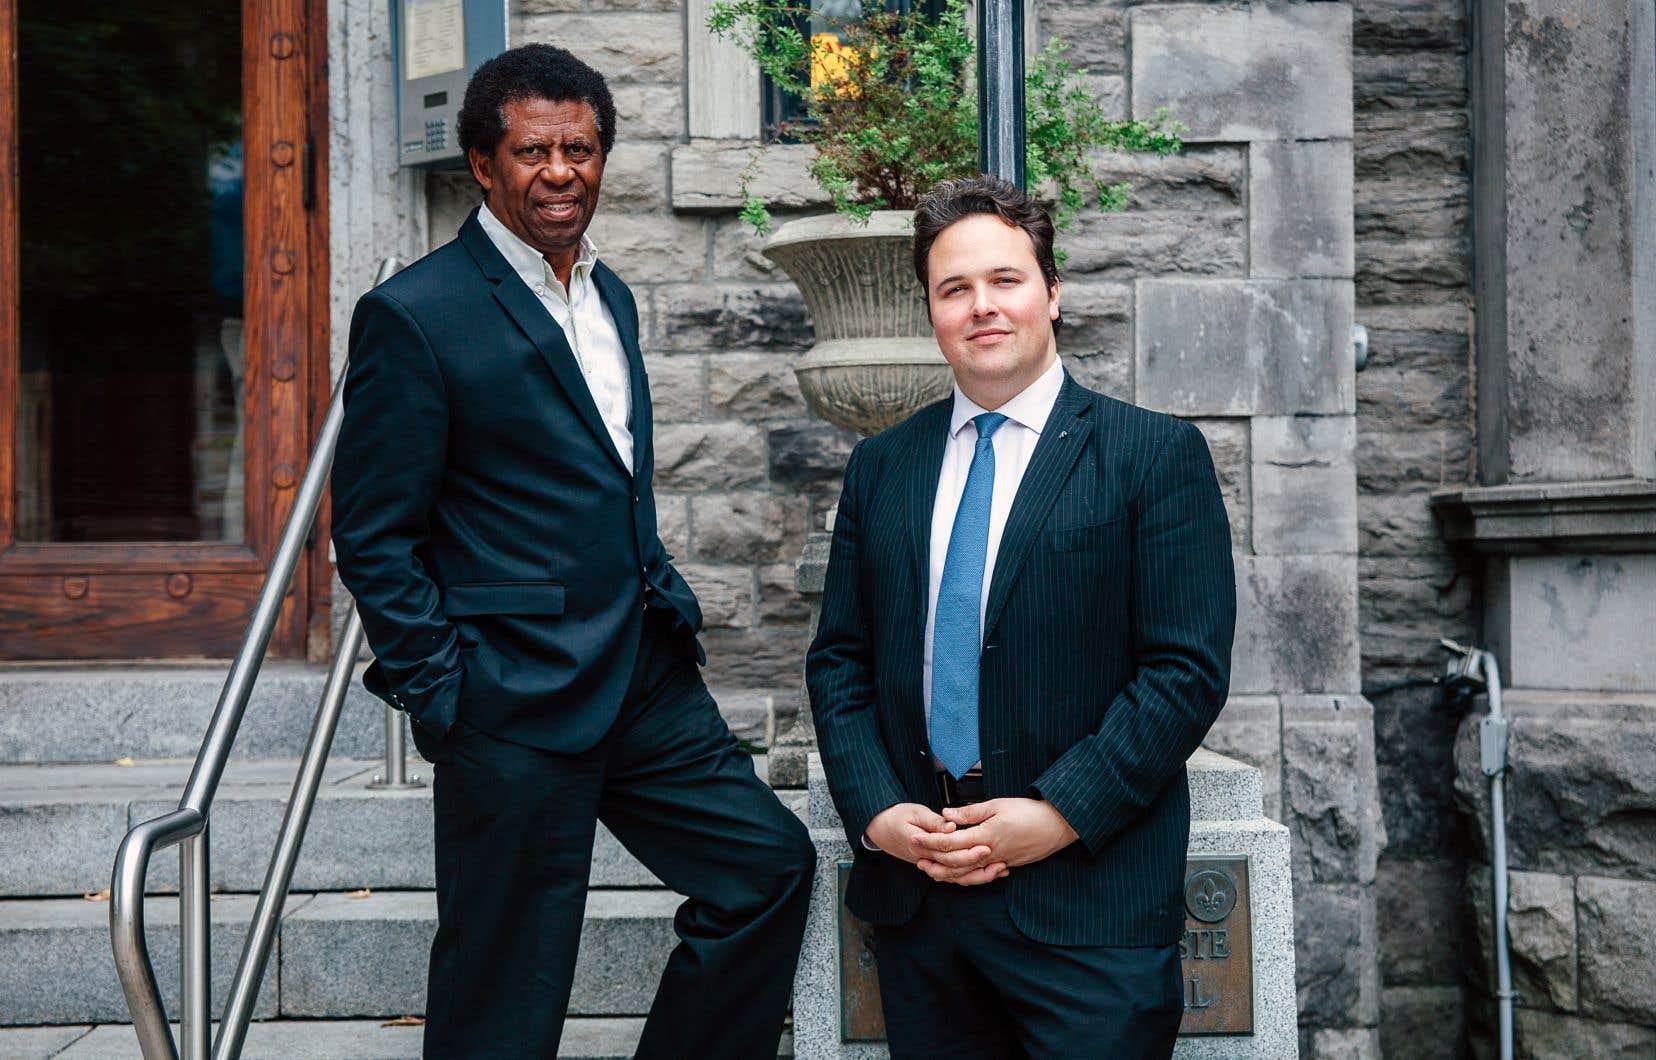 Dany Laferrière et Maxime Laporte œuvreront respectivement comme président d'honneur et président de la Fondation pour la langue française.